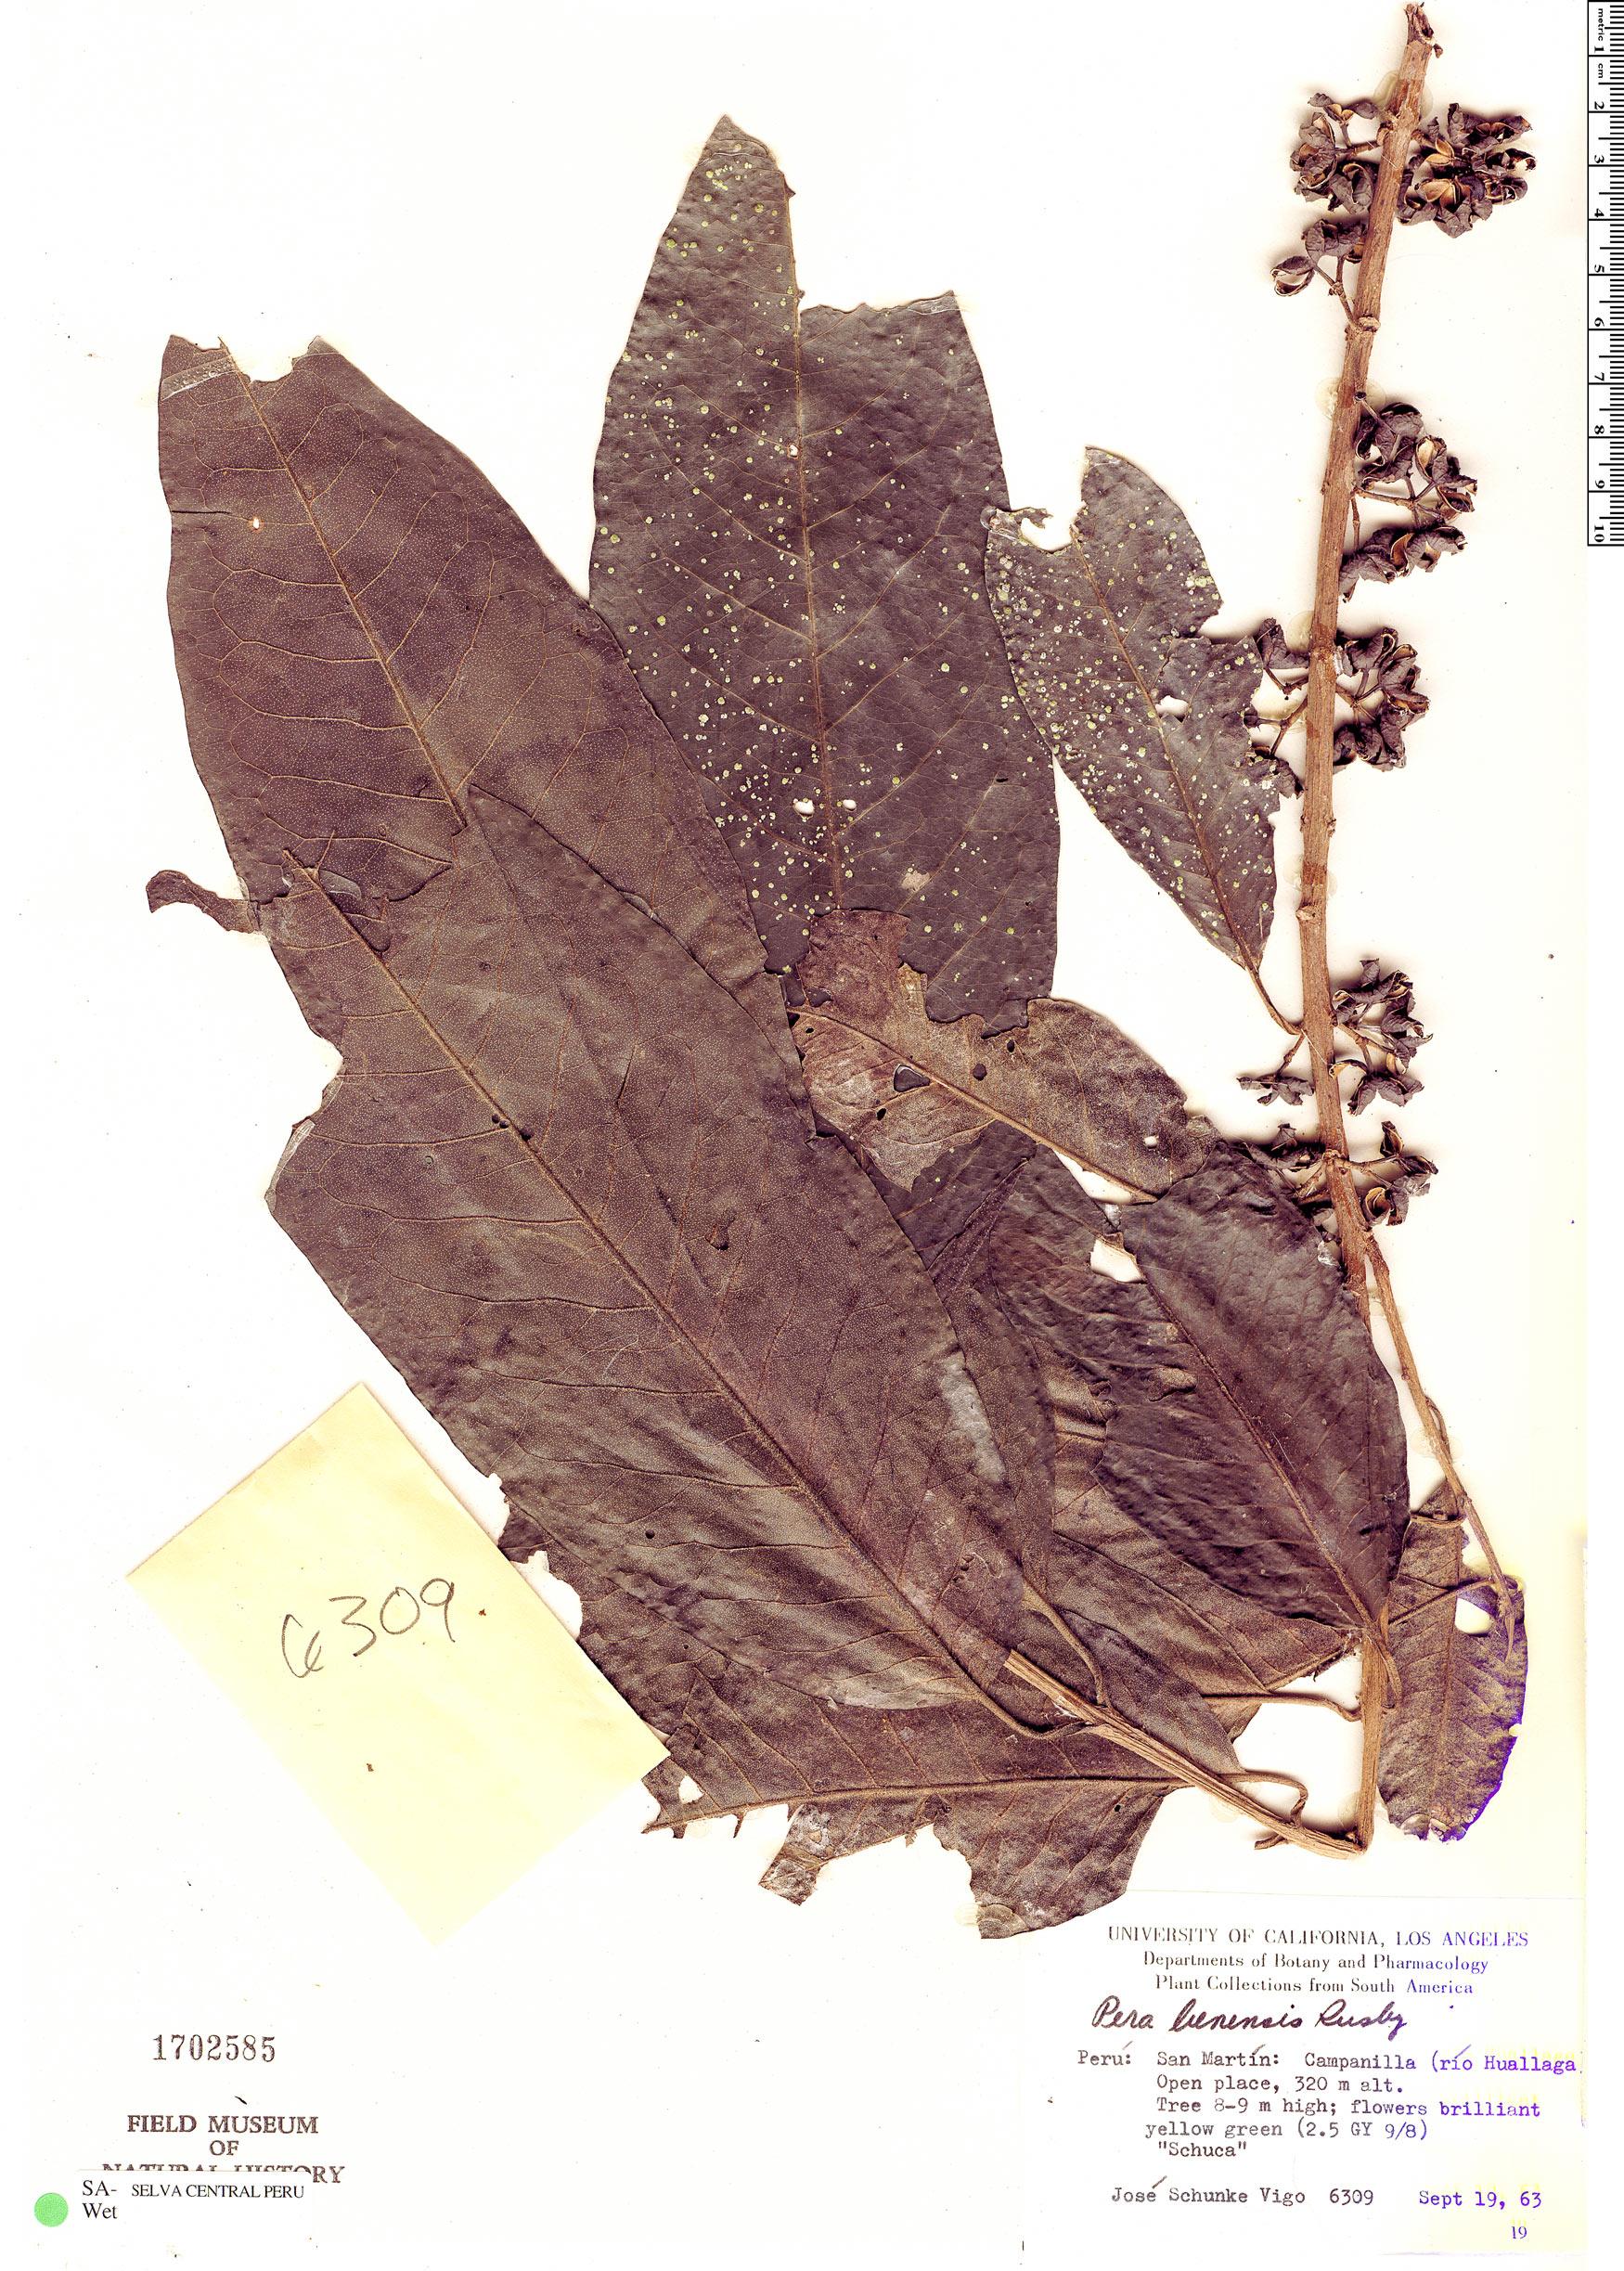 Specimen: Pera benensis